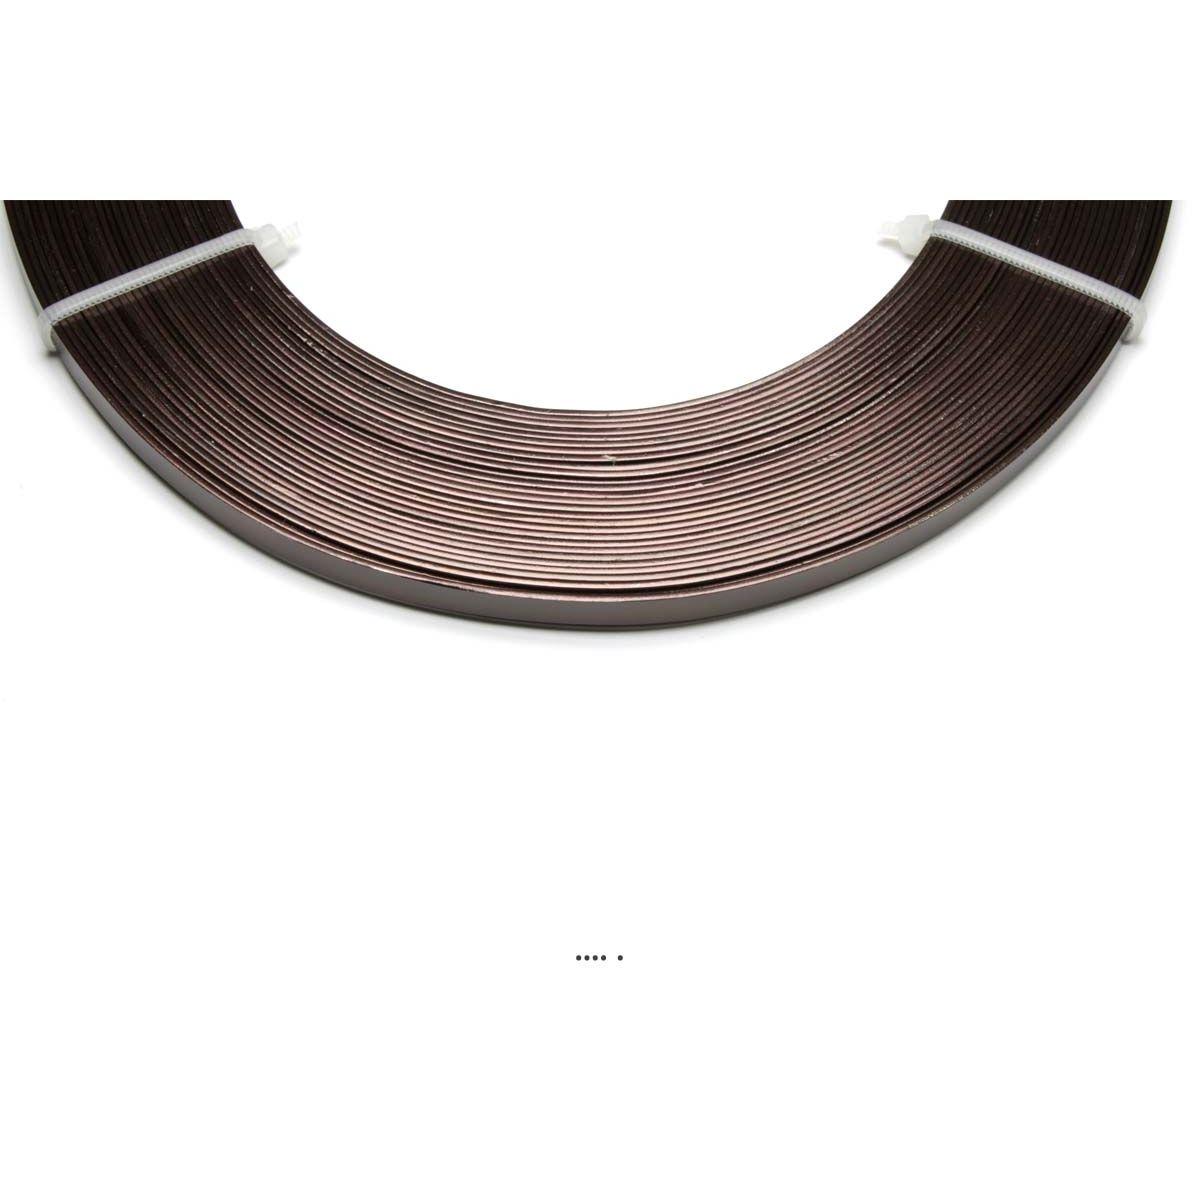 Fil aluminium Plat Chocolat souple lg 5 mm L 10 metres decoration - choisissez votre coloris: Chocolat